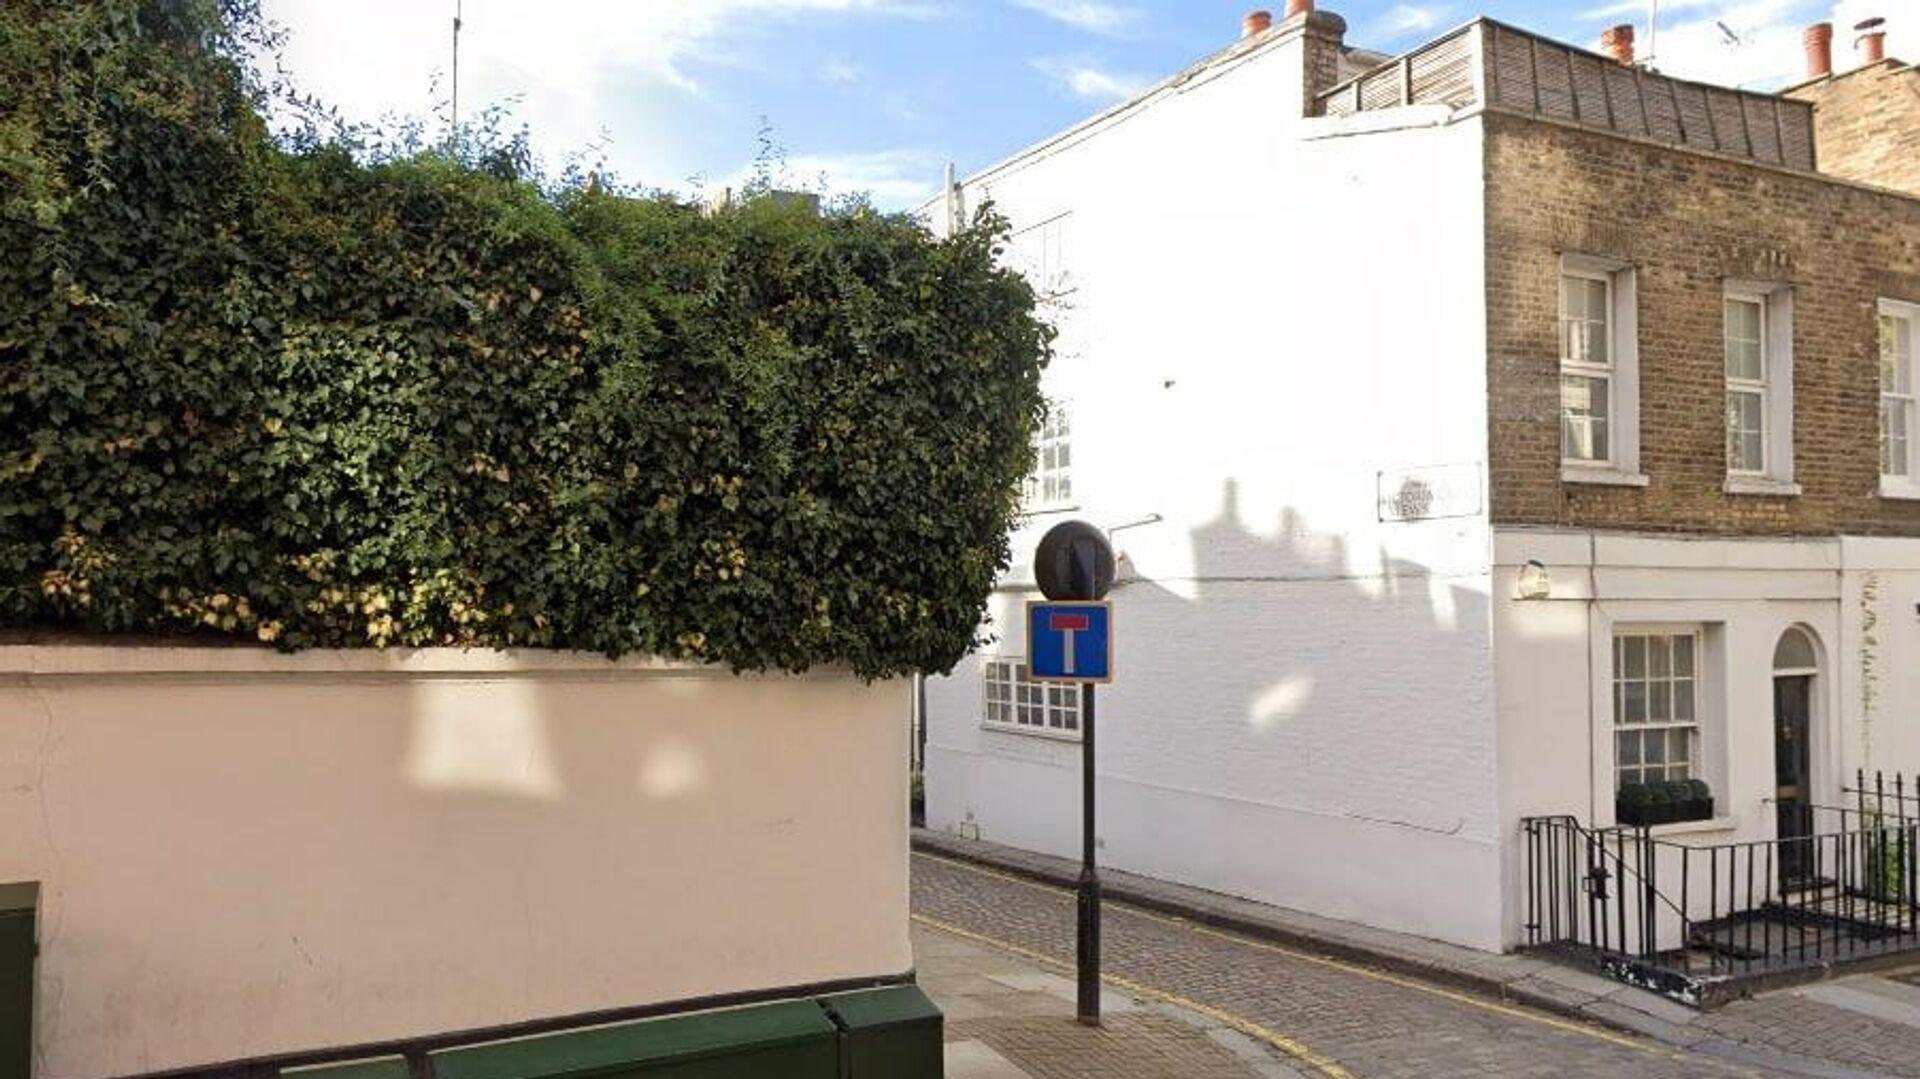 Переулок у российского посольства в Лондоне  - РИА Новости, 1920, 22.07.2021